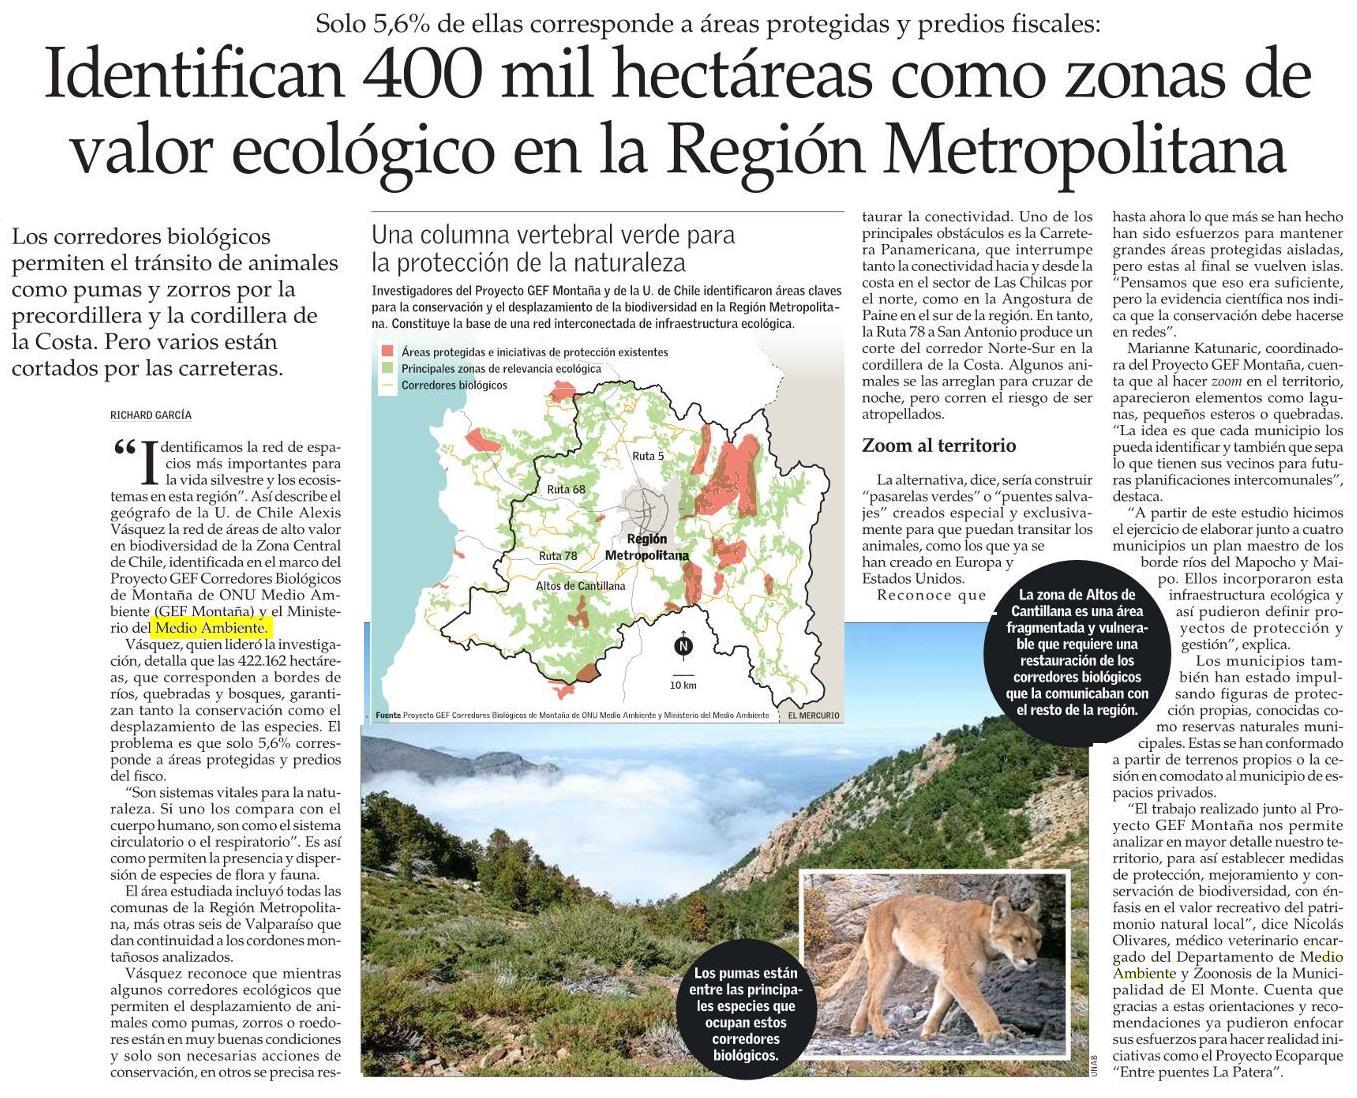 Identifican 400 mil hectáreas como zonas de valor ecológico en la Región Metropolitana